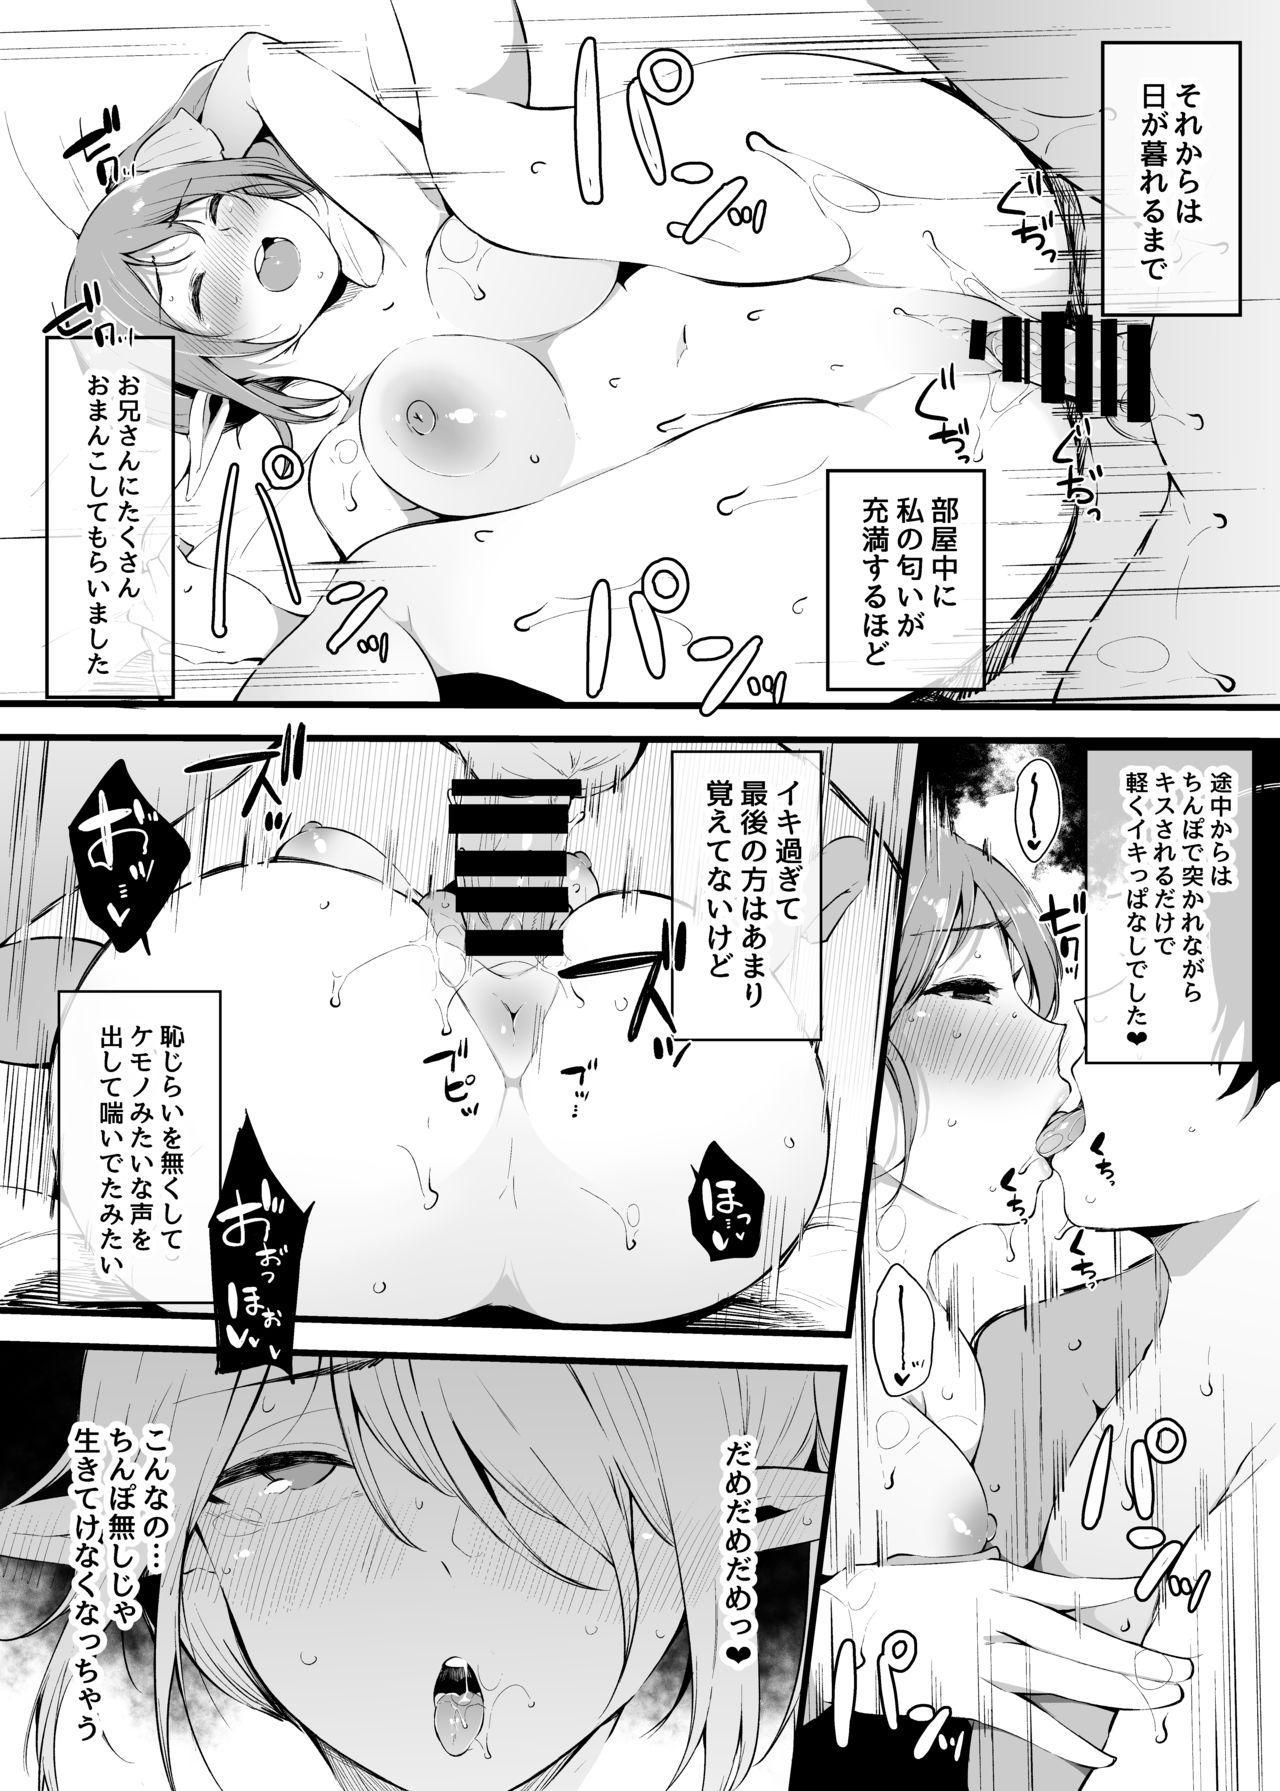 Otona ni Naritai Daiyousei no Hanashi 25